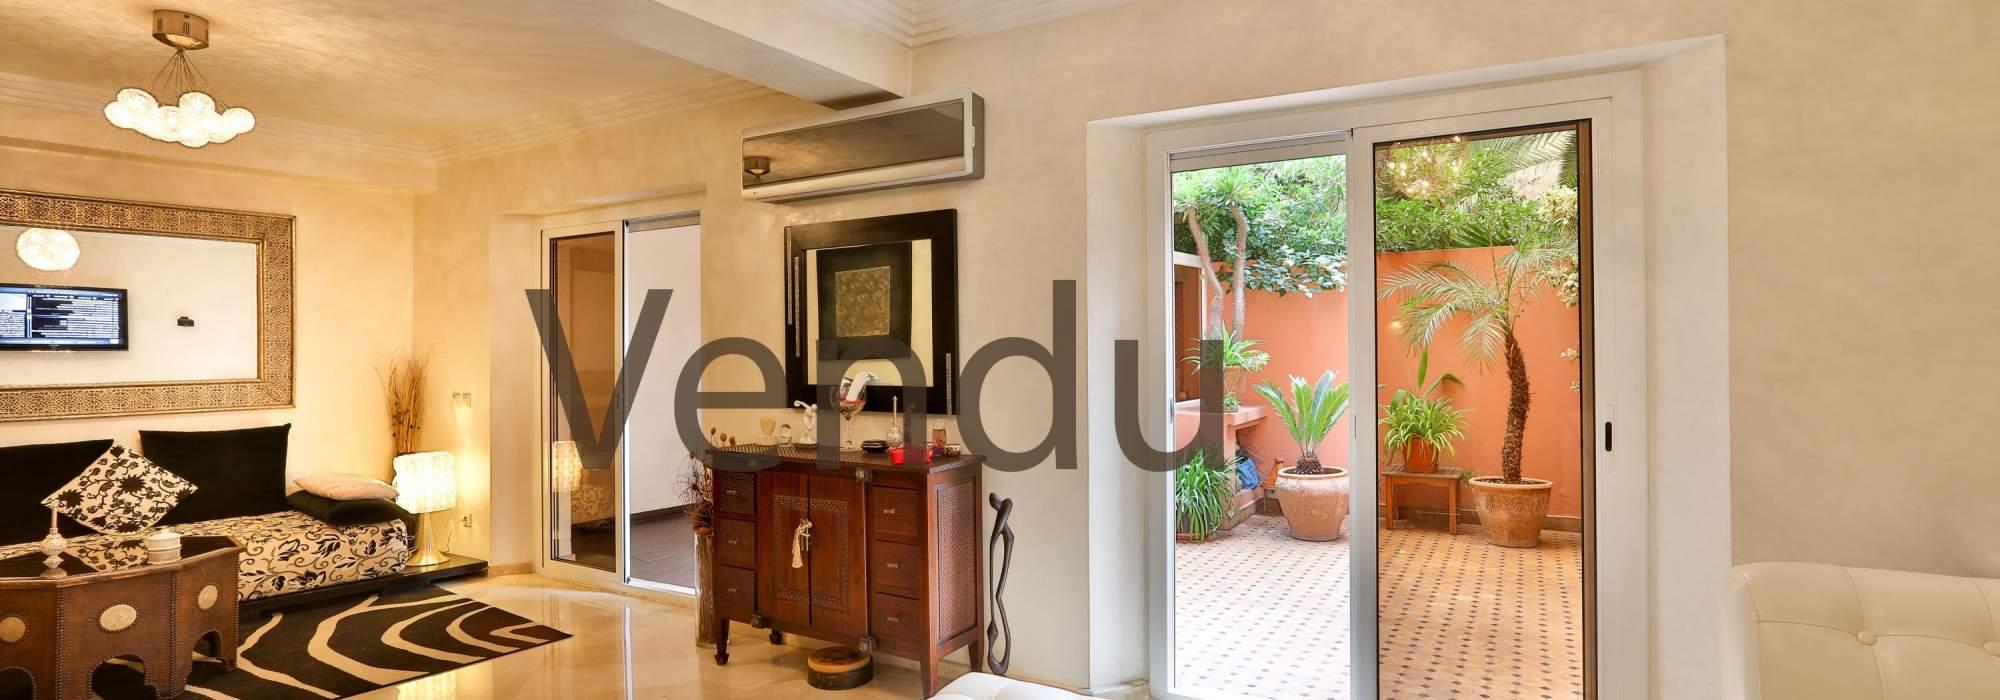 duplex a vendre centre ville marrakech